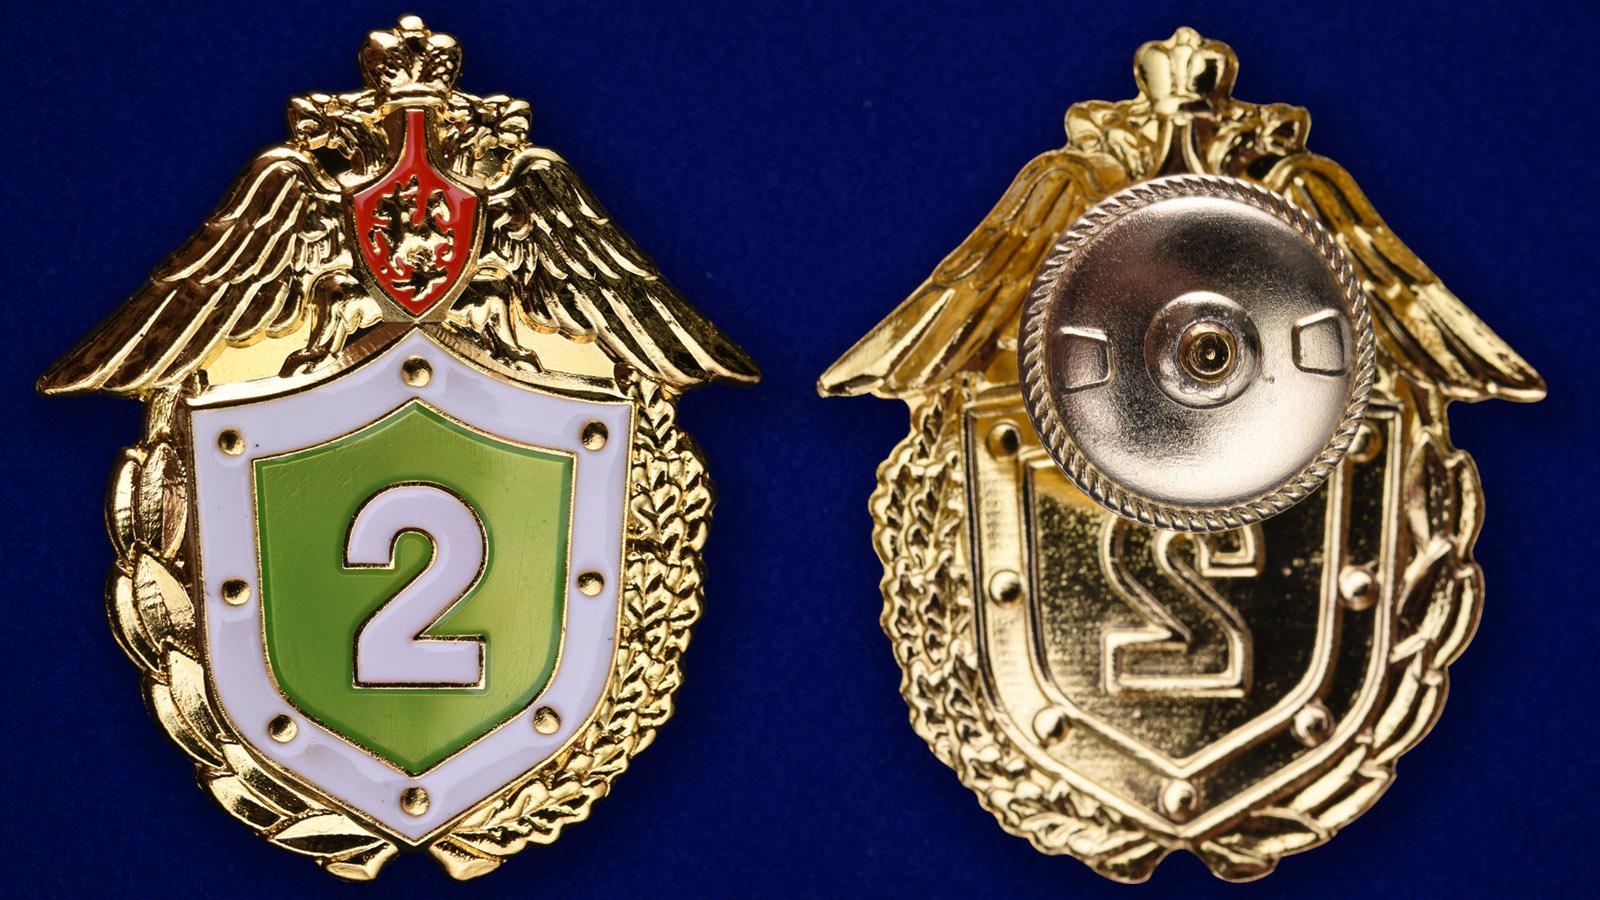 Знак ФПС РФ Классный специалист 2 класс в бархатном футляре - Аверс и реверс